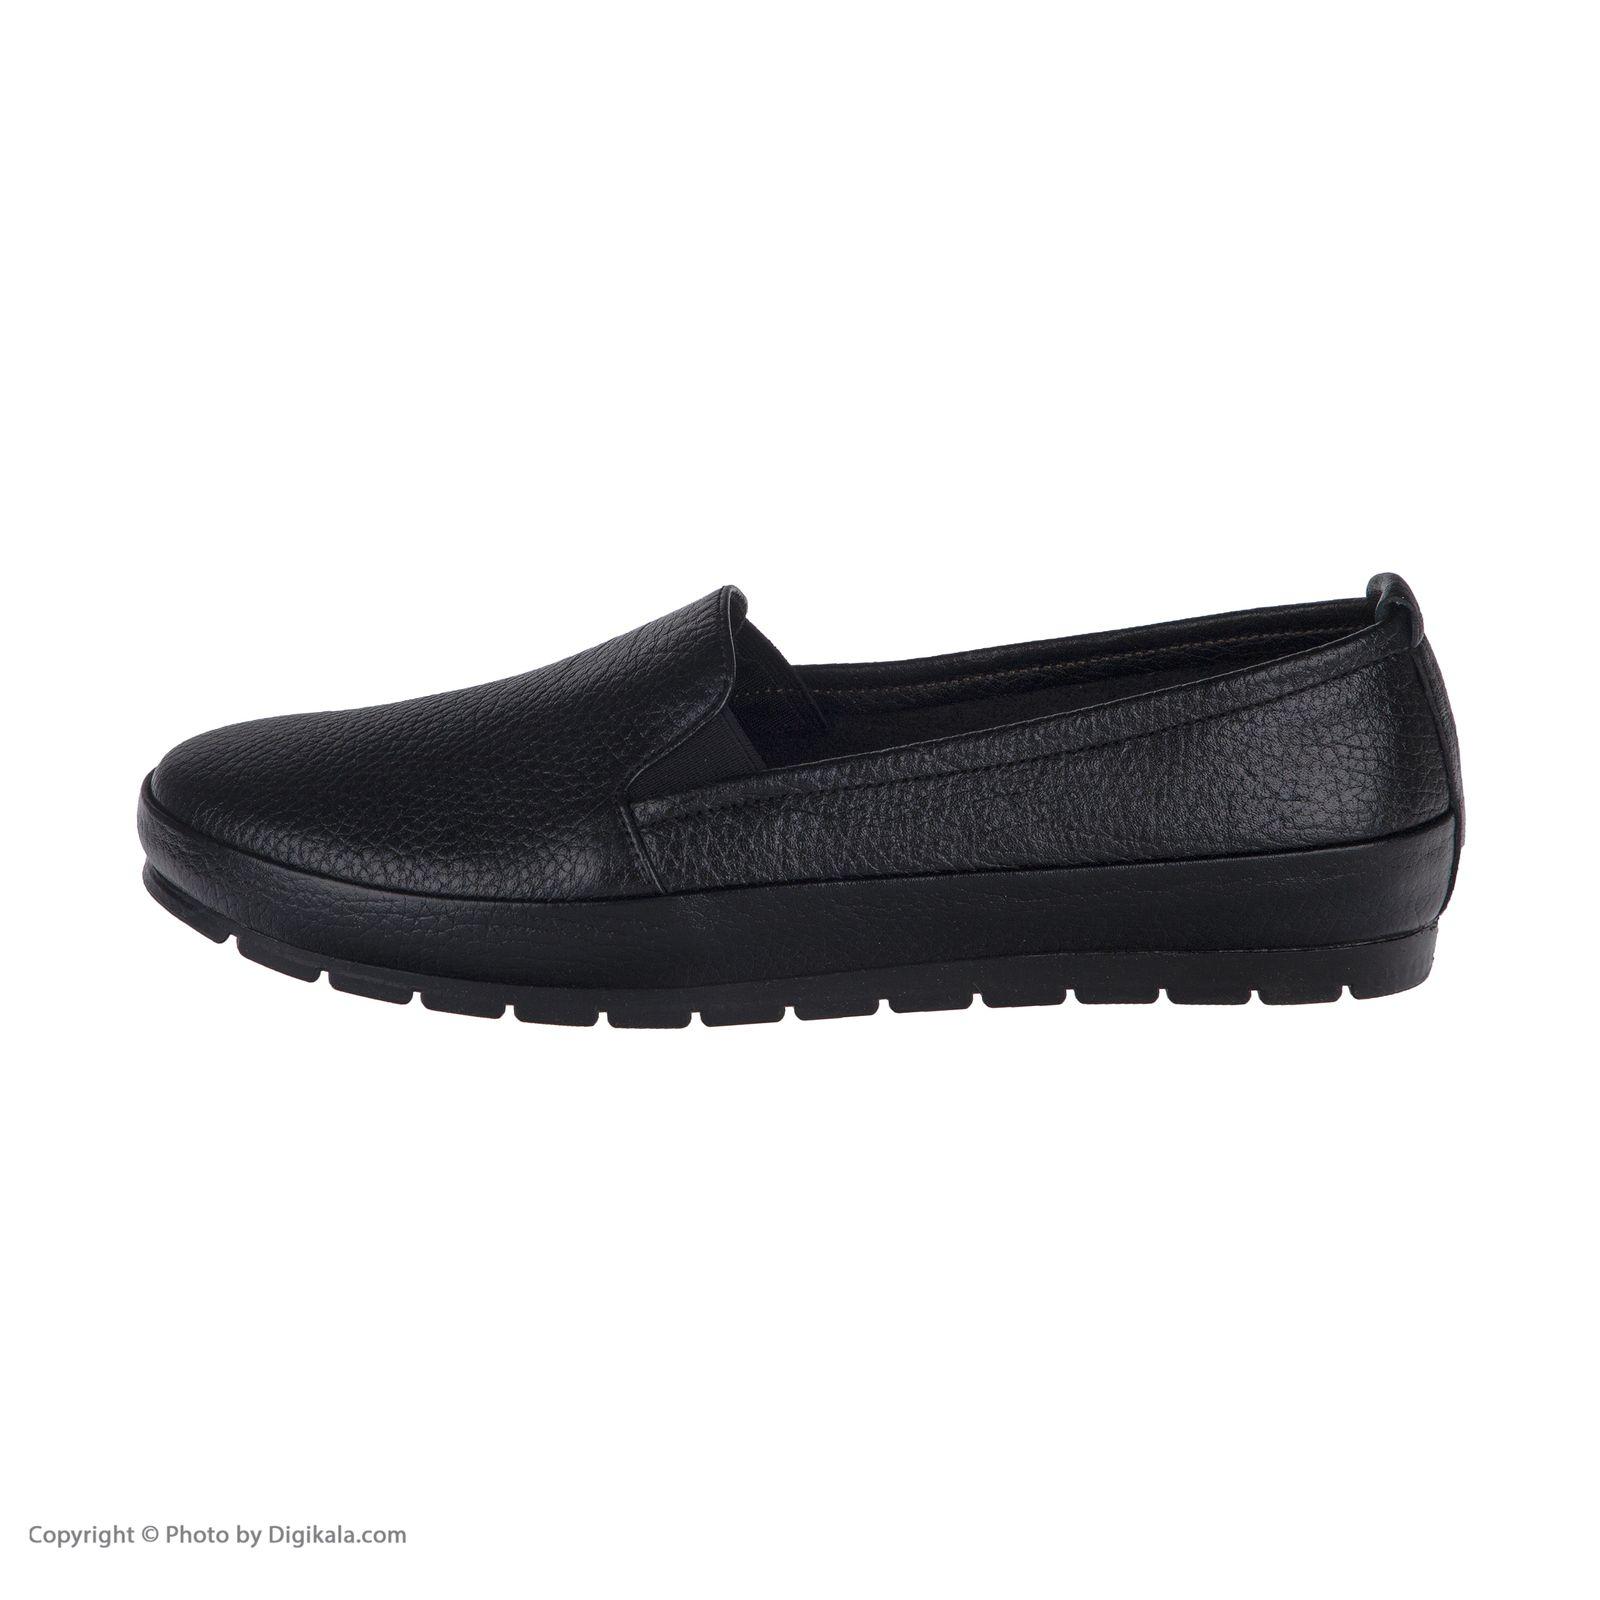 کفش روزمره زنانه بلوط مدل 5313A500101 -  - 3